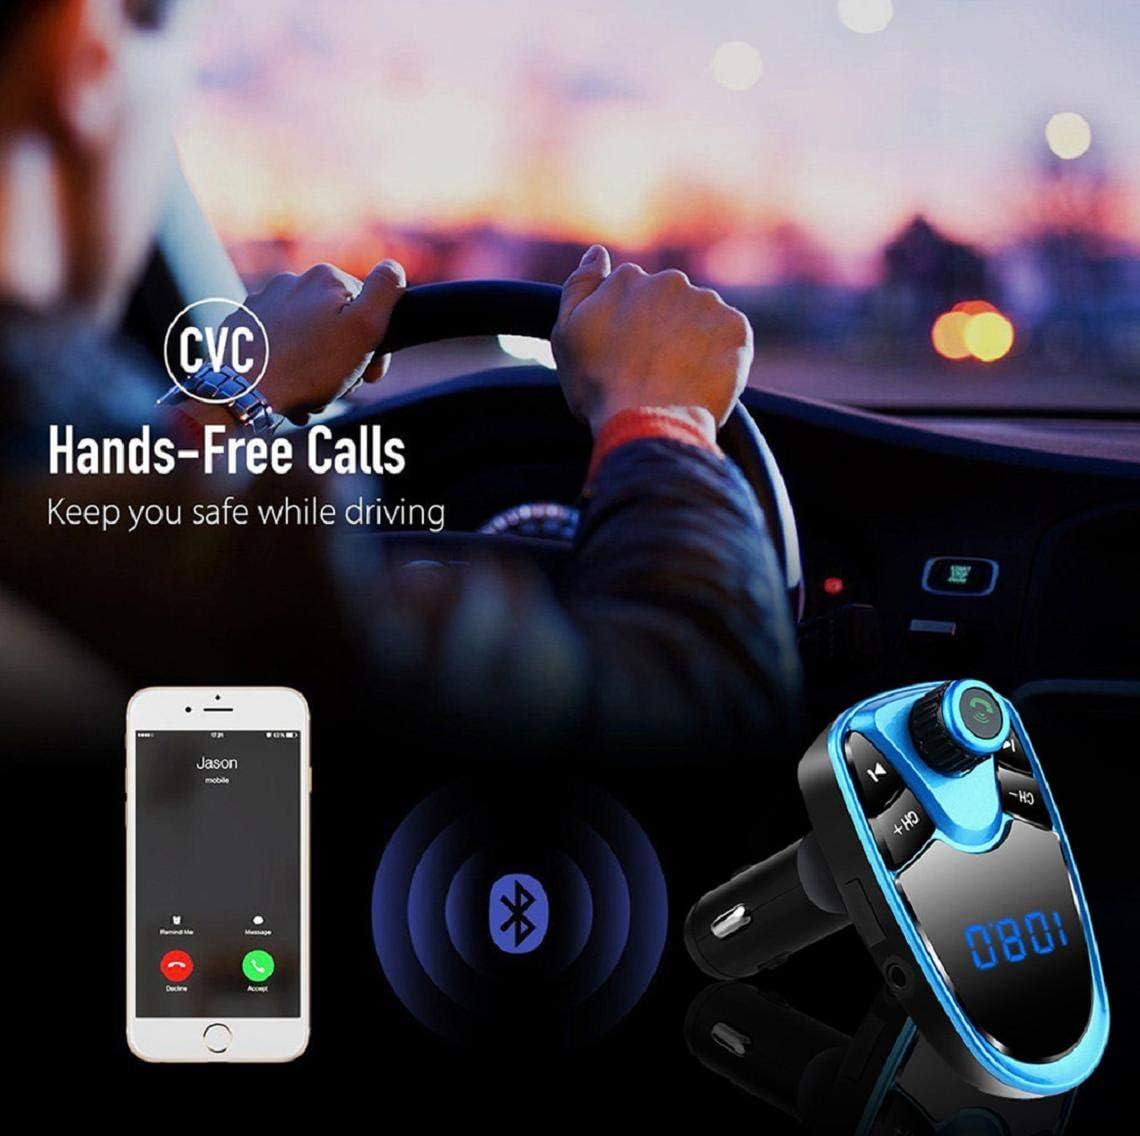 Adaptateur De Radio pour Voiture sans Fil Bluetooth Transmetteur FM Adaptateur Radio Kit De Voiture avec Chargeur De Voiture USB Double Lecteur Mp3 Support Carte TF Koojawind Transmetteur FM